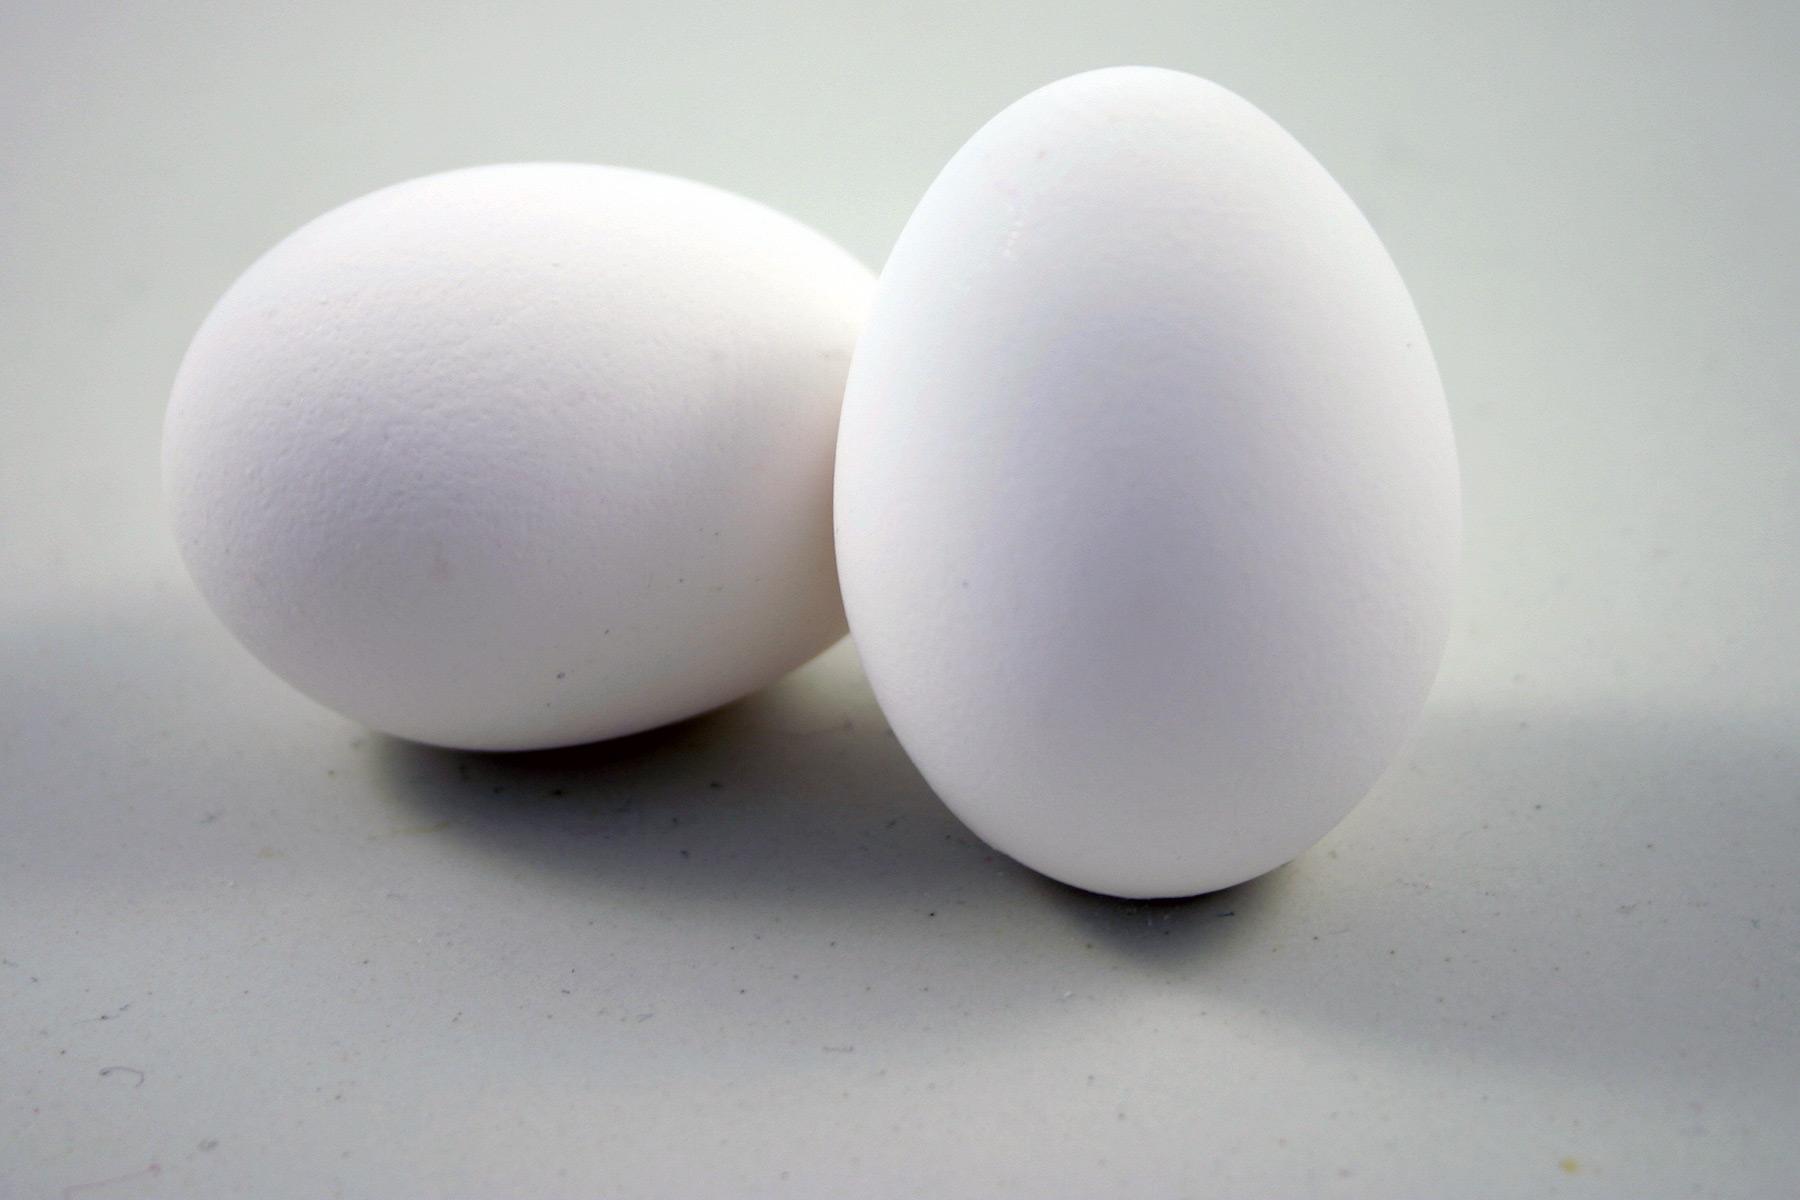 نرخ فروش تخم مرغ بسته بندی در میادین میوه و تره بار